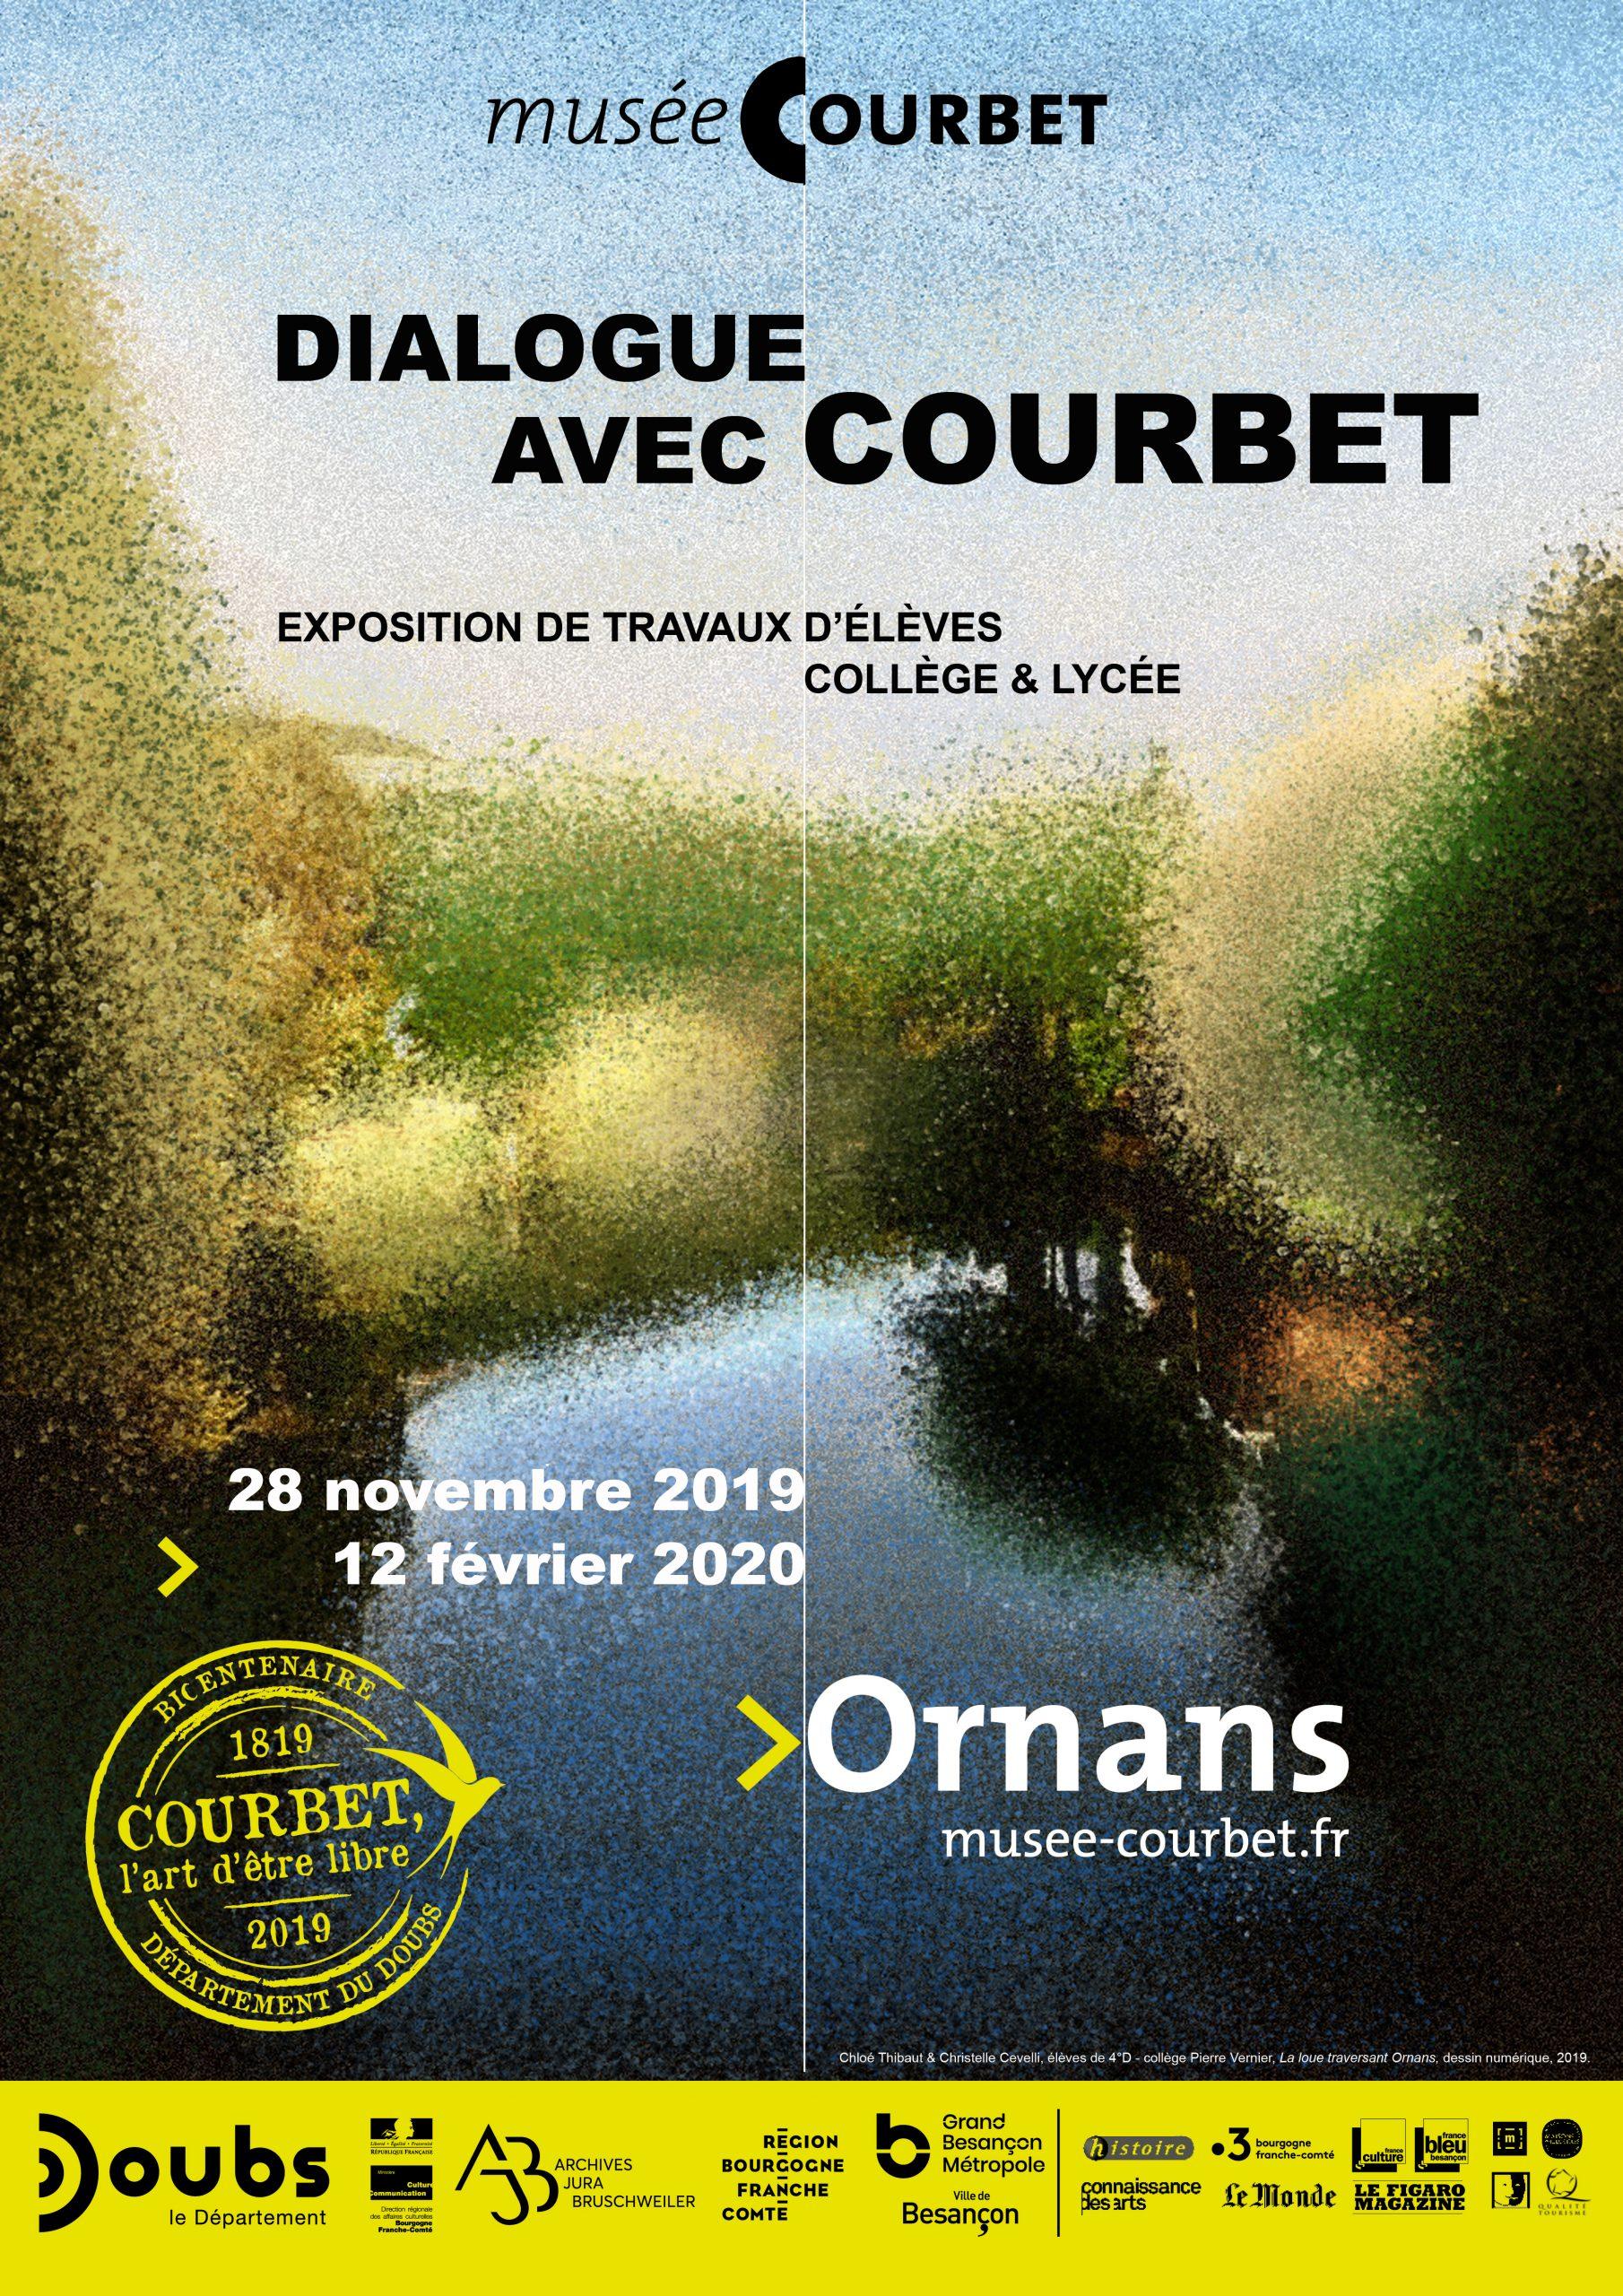 Dialogue avec Courbet – Exposition de travaux d'élèves jusqu'au 12 février 2020